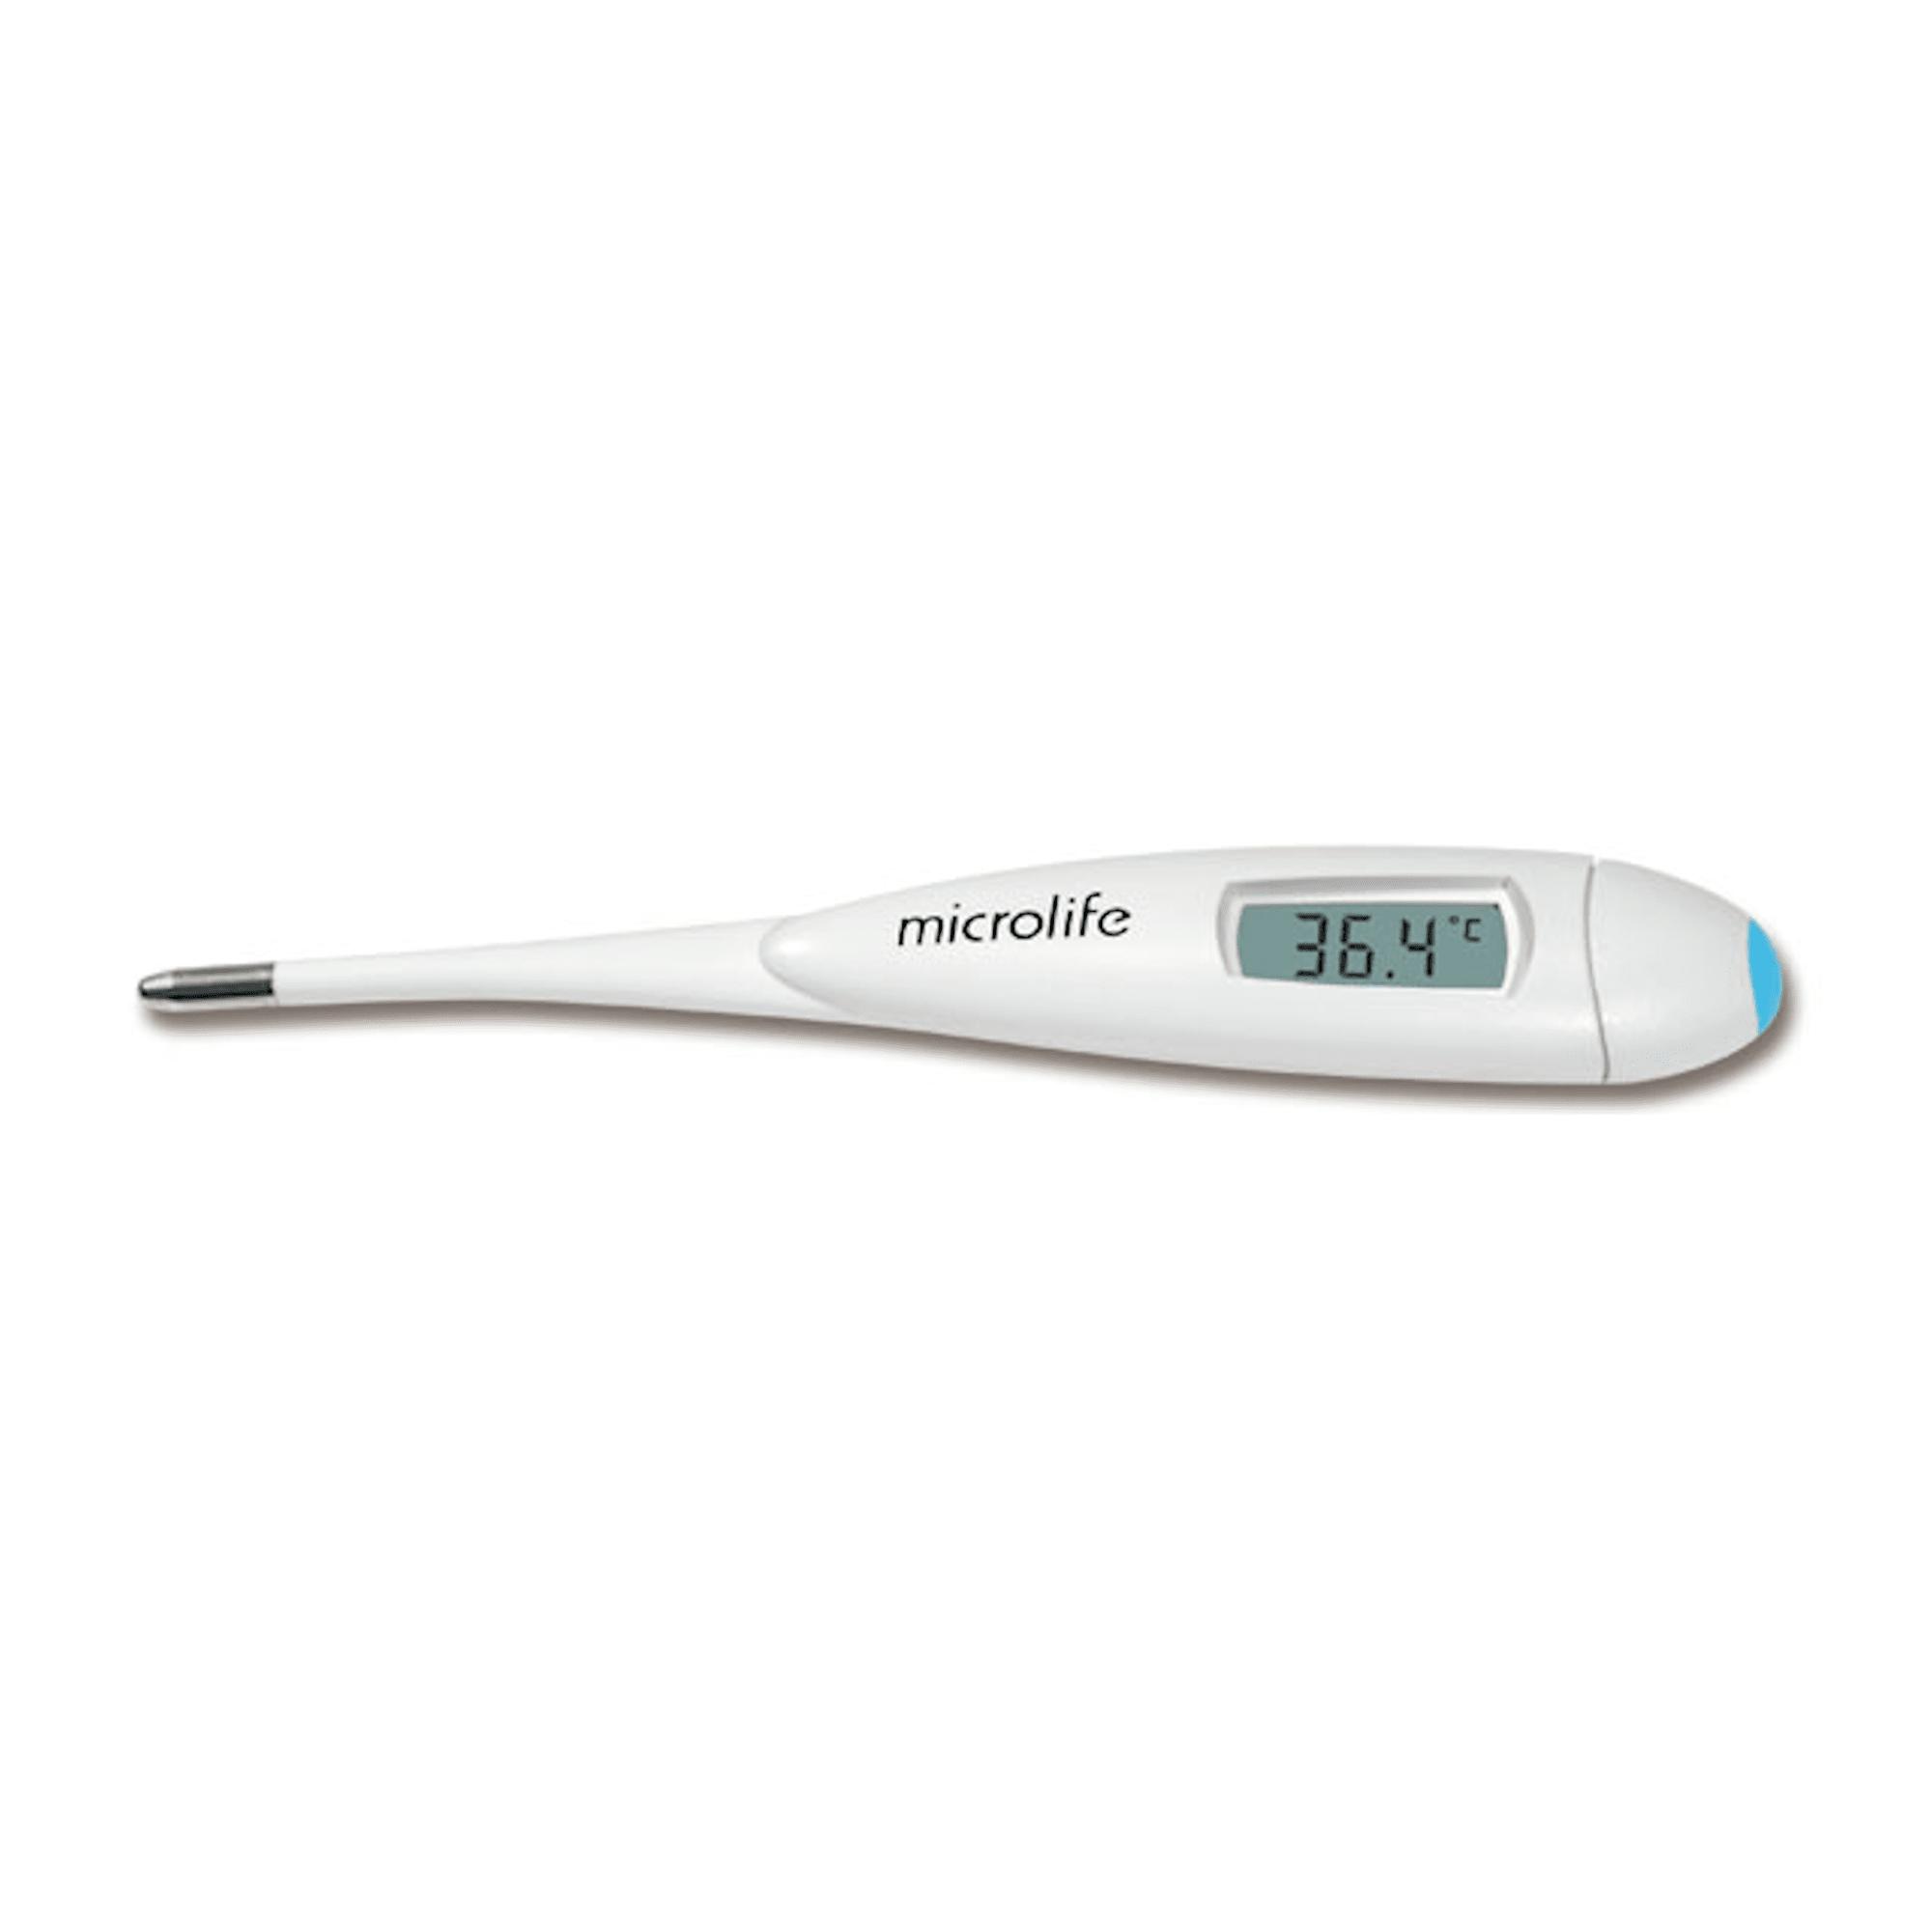 Normali žmogaus kūno temperatūra - svencioniupsc.lt - Numesti svorio maža kūno temp